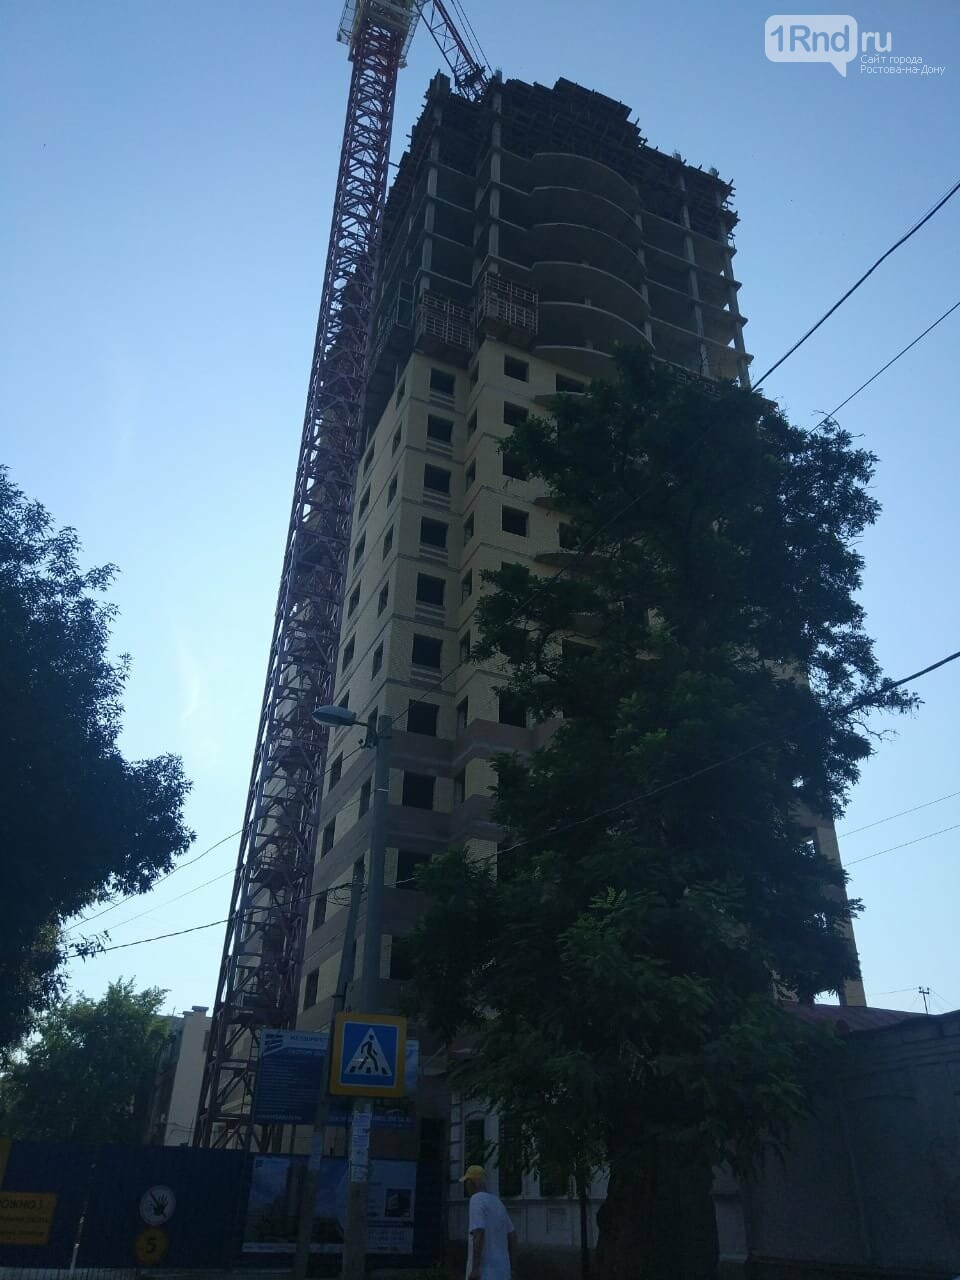 В Ростове на год ограничат движение на двух центральных улицах, фото-1, Фото 1Rnd